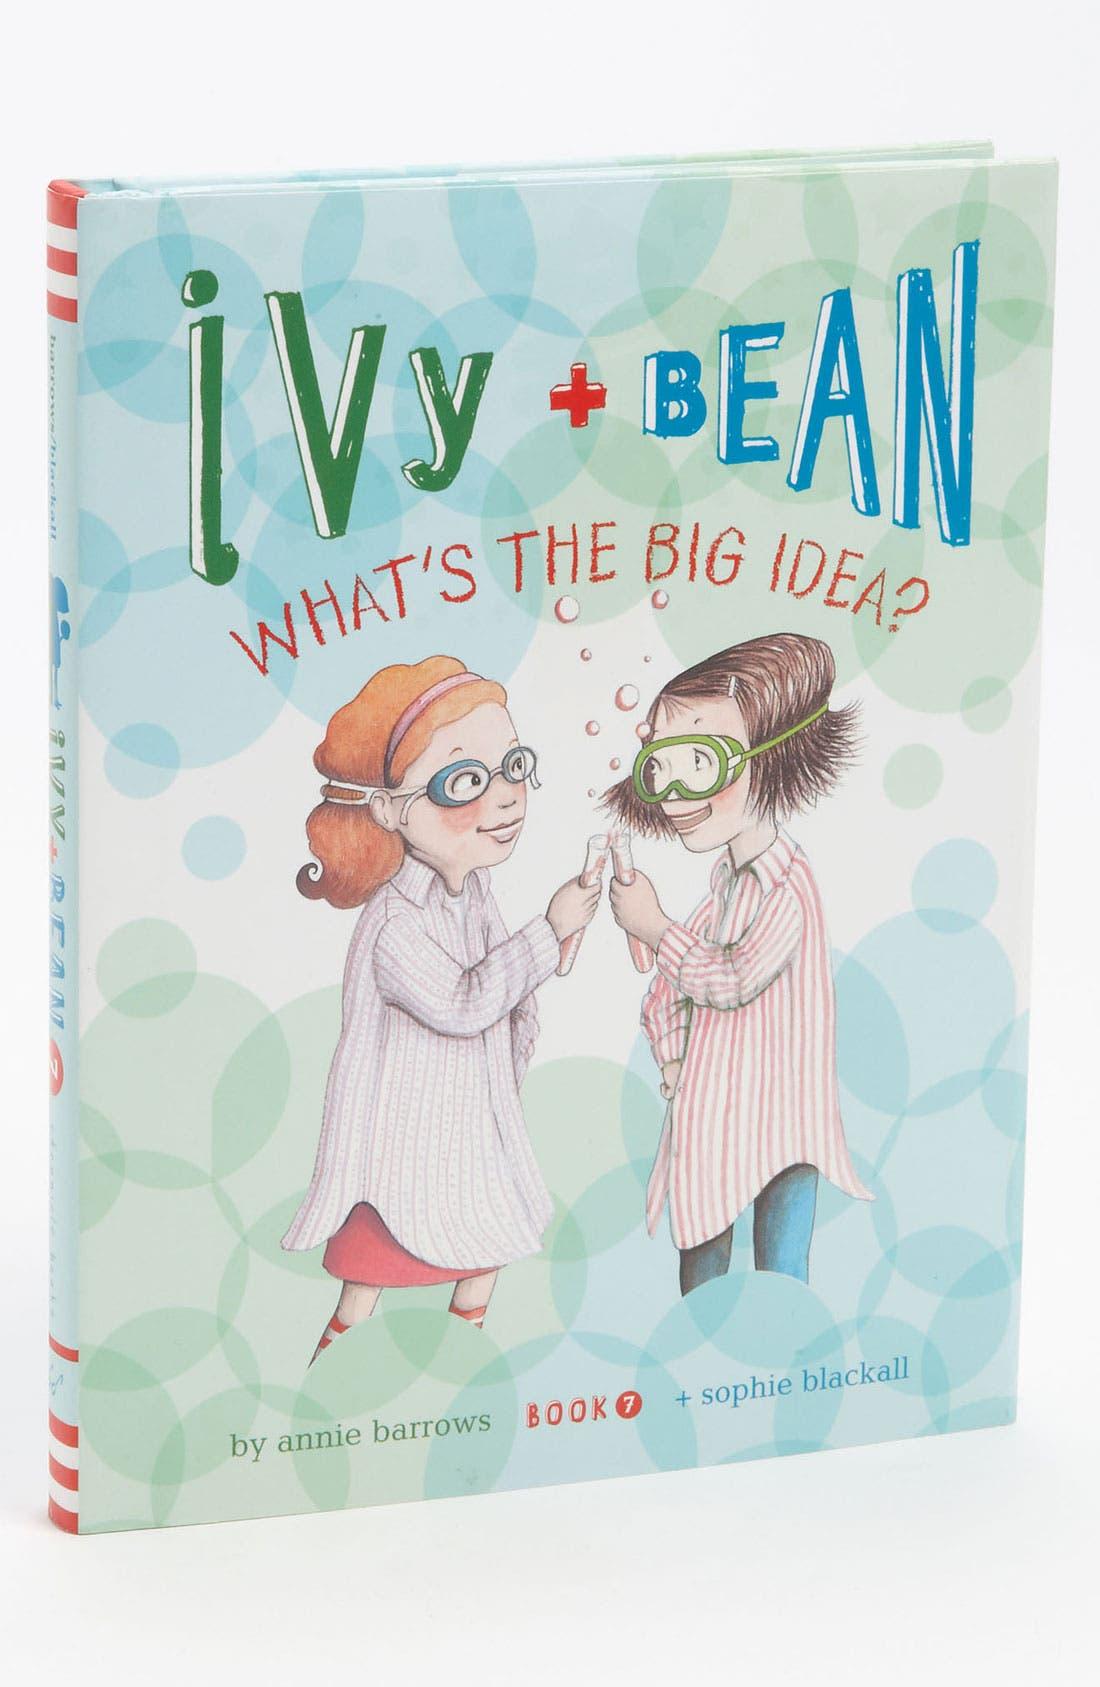 Main Image - Annie Barrows & Sophie Blackall 'Ivy + Bean: What's The Big Idea' Book